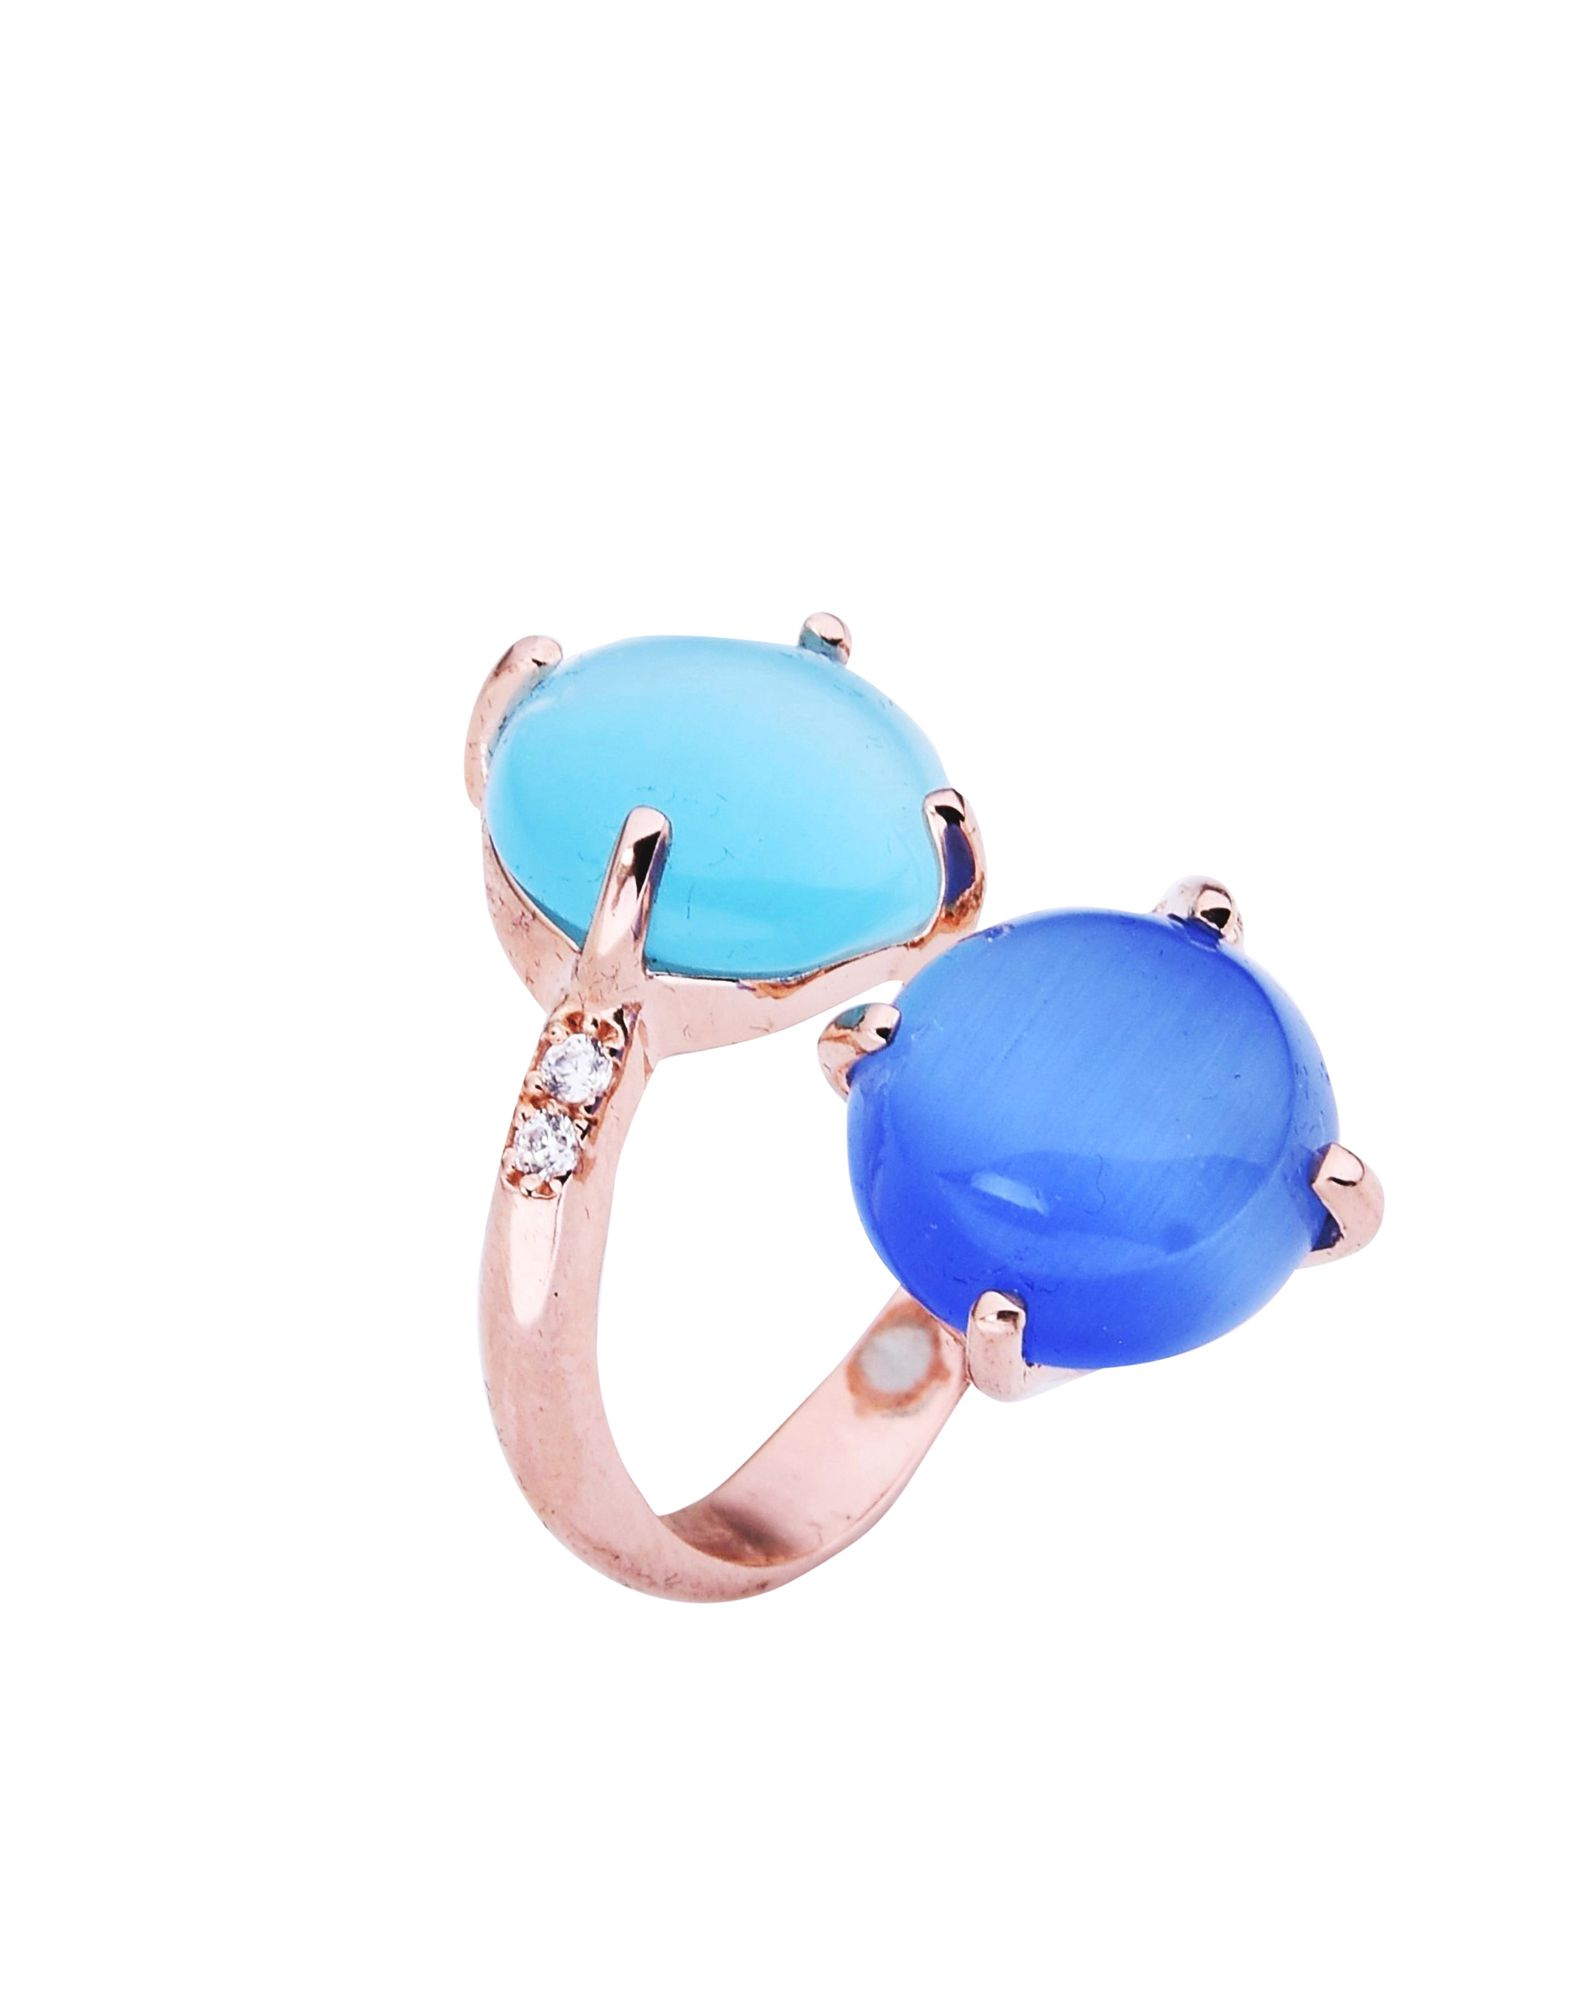 《送料無料》BLISS レディース 指輪 カッパー 12 シルバー925/1000 / 合成石